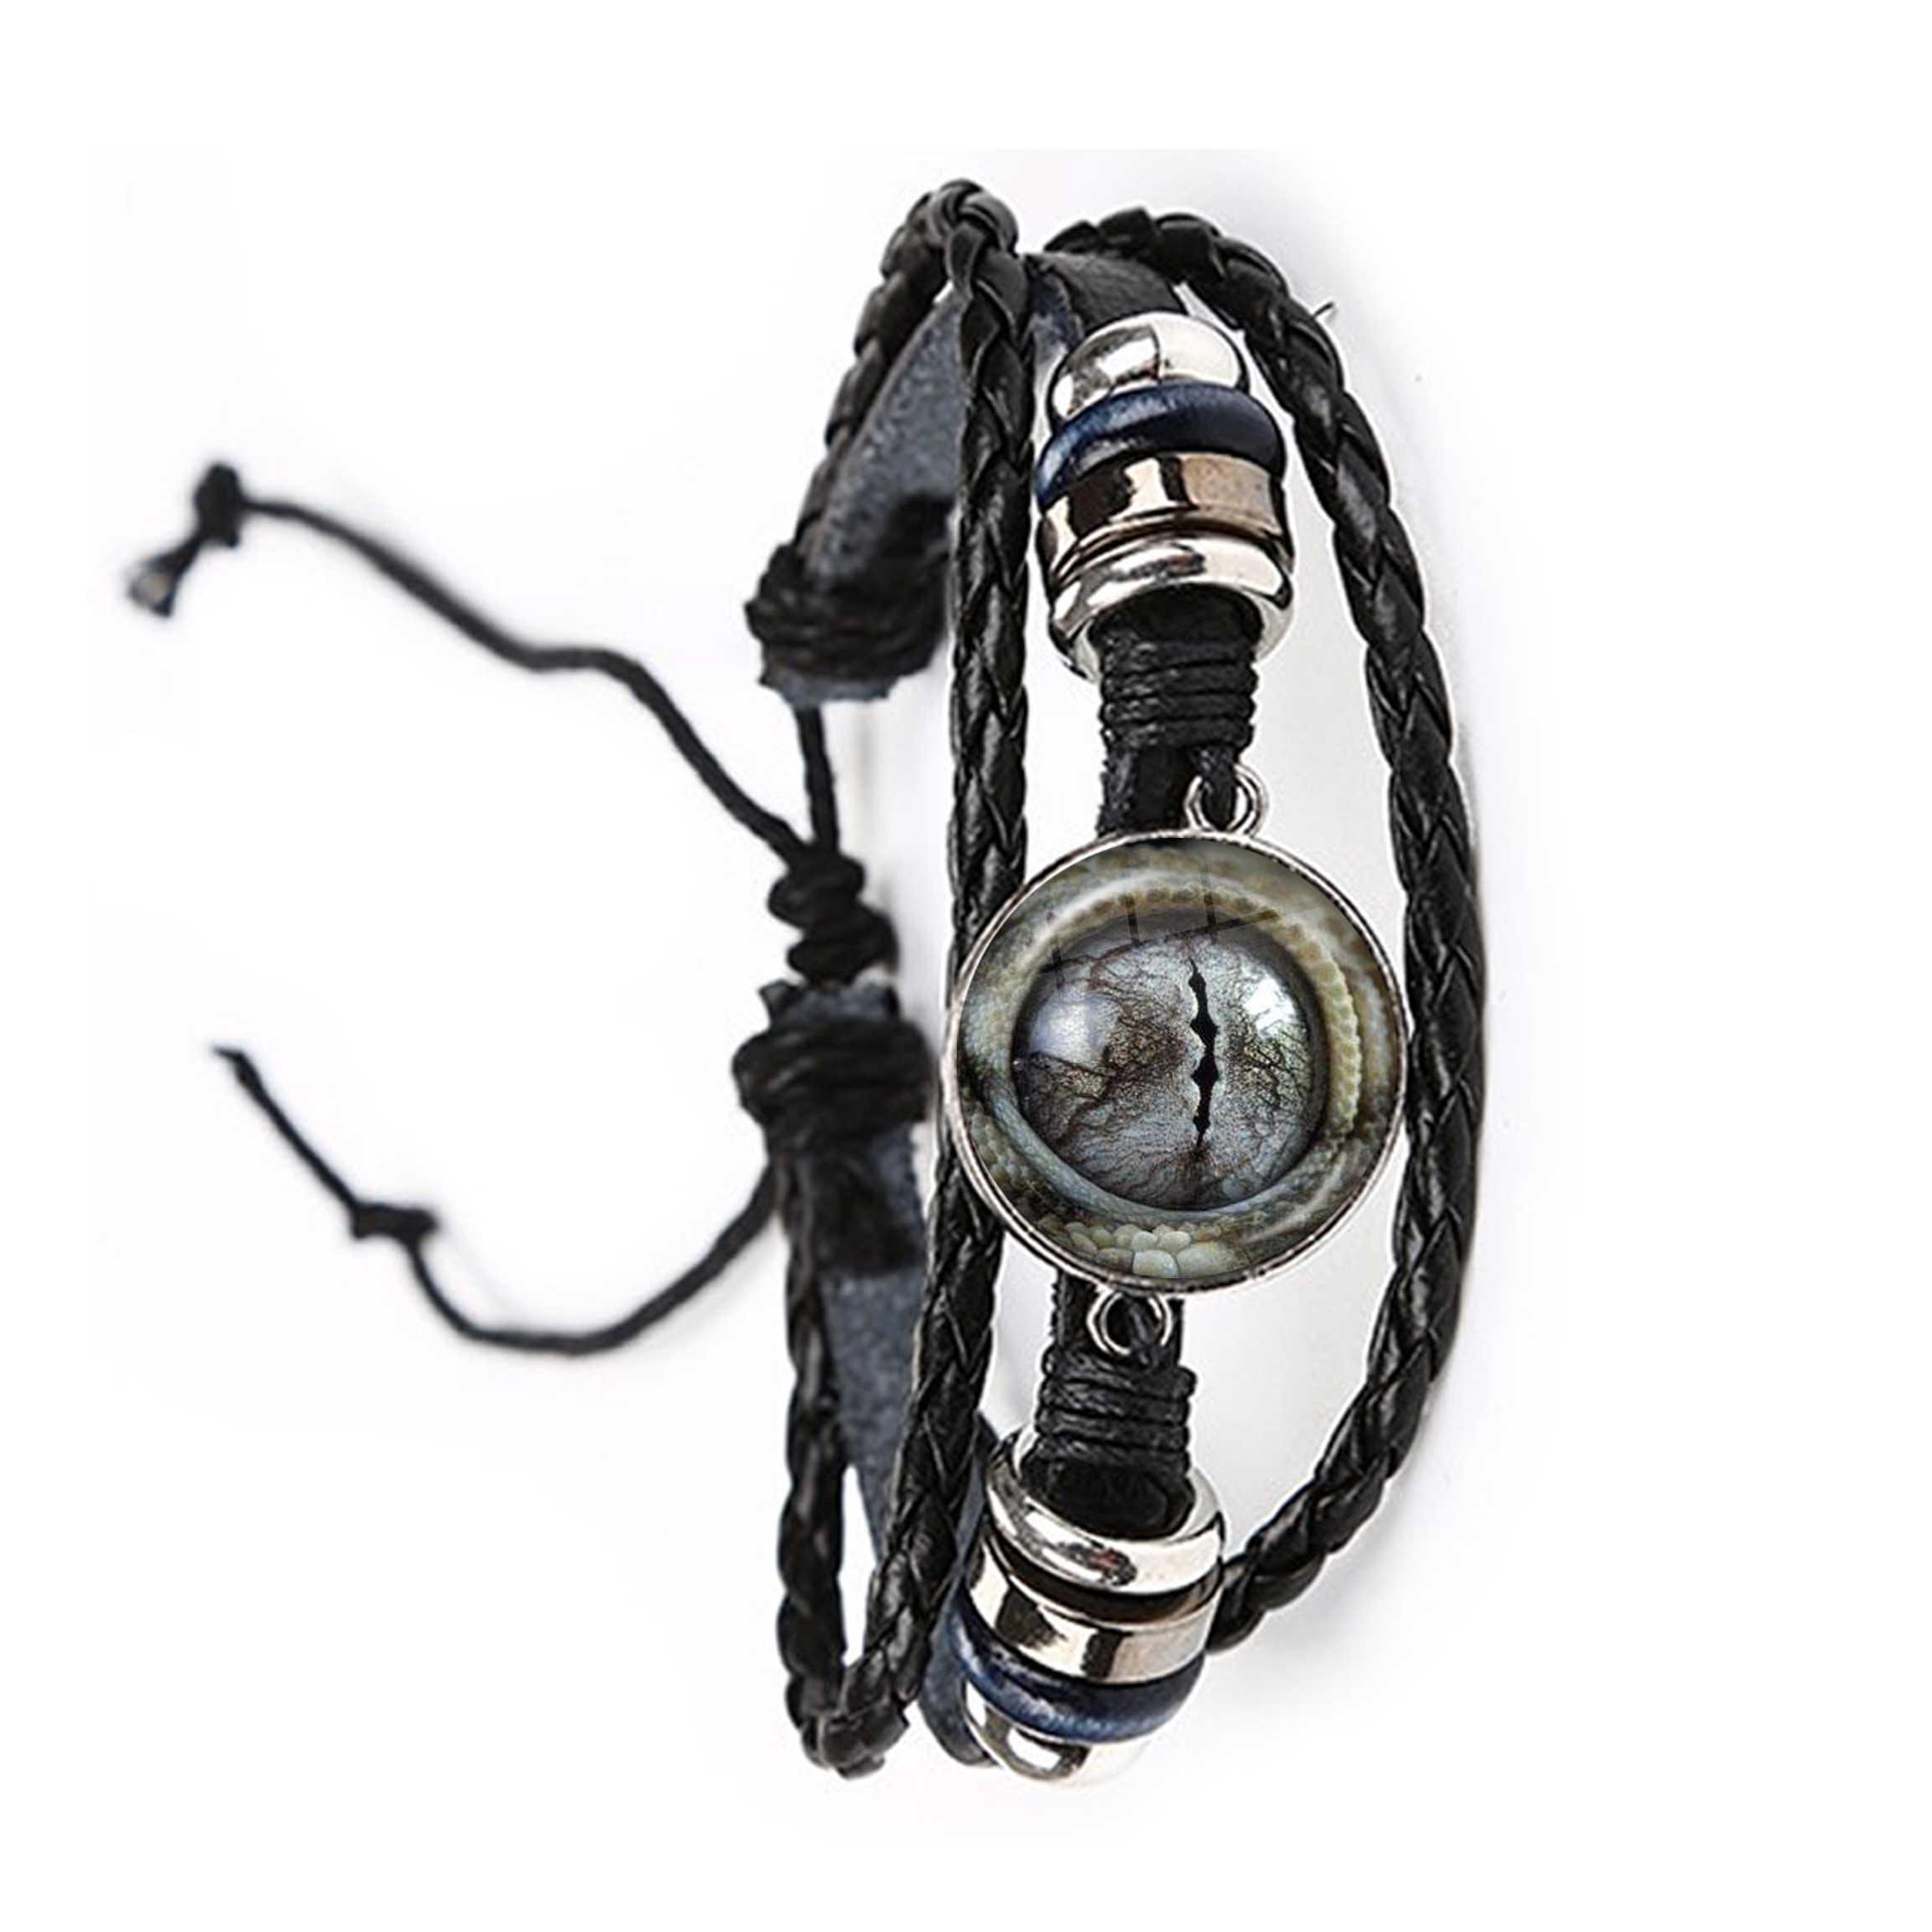 Глаза животных Дракон змея Сова ободок с ушками кошки, тигра глаза 20 мм стеклянный кабошон ювелирный браслет ручной работы кожаный браслет для женщины мужчины подарок